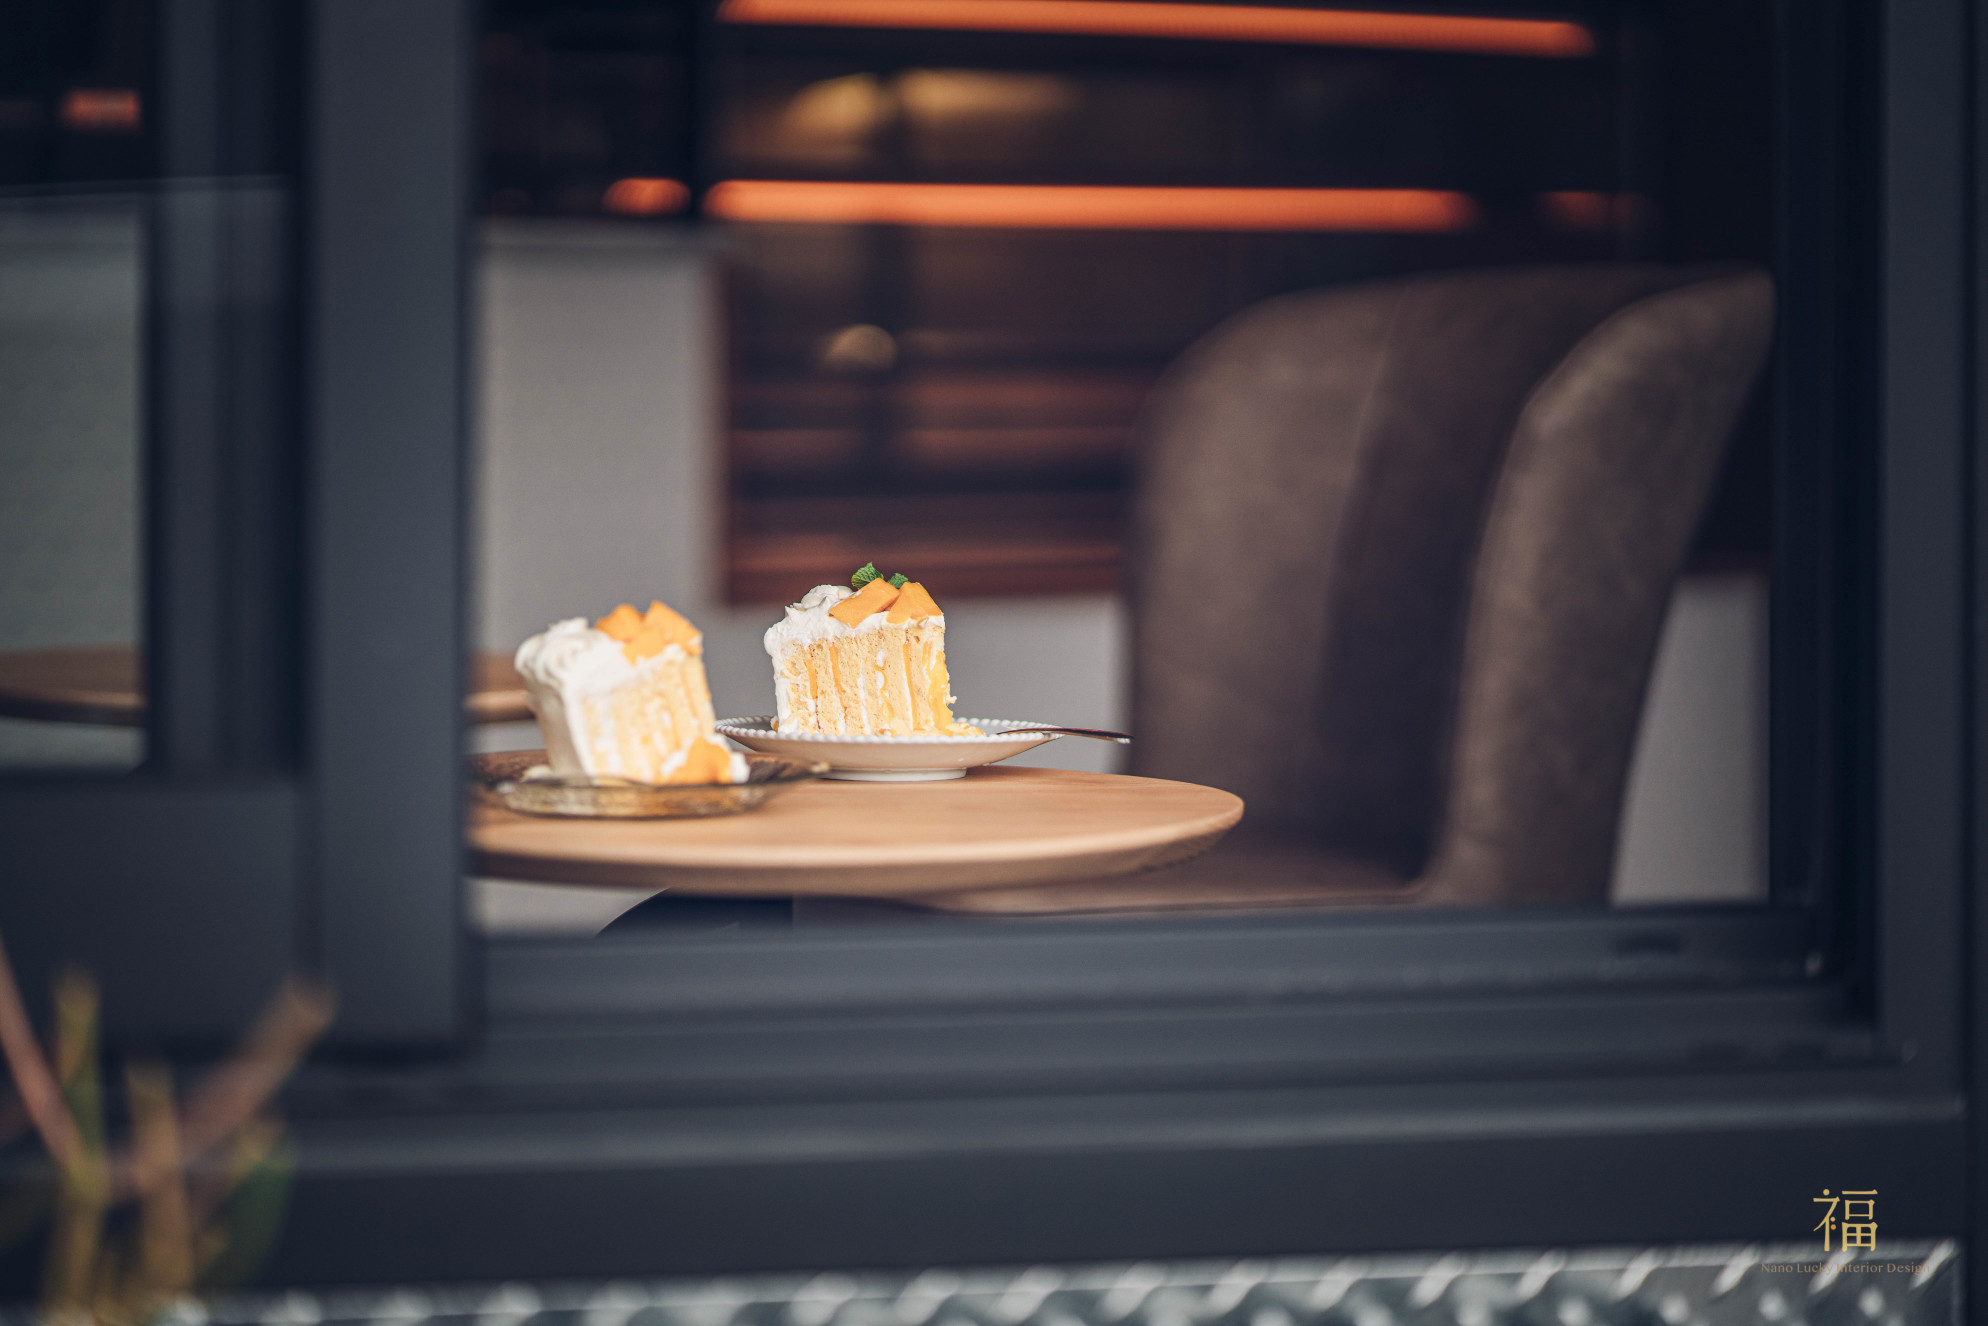 飛茉莉窗邊座位與手工蛋糕